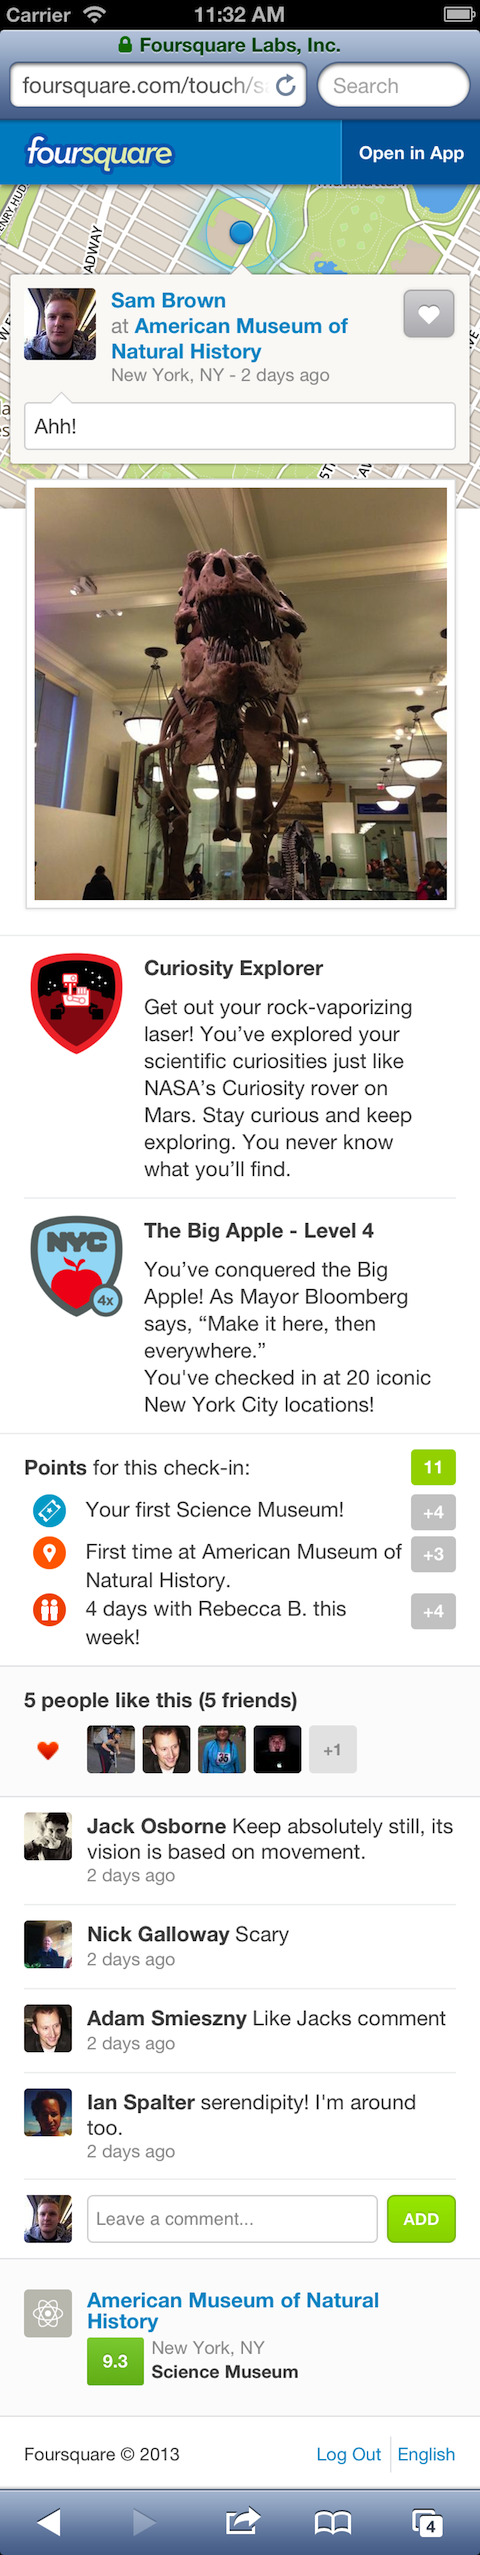 foursquare checkin details